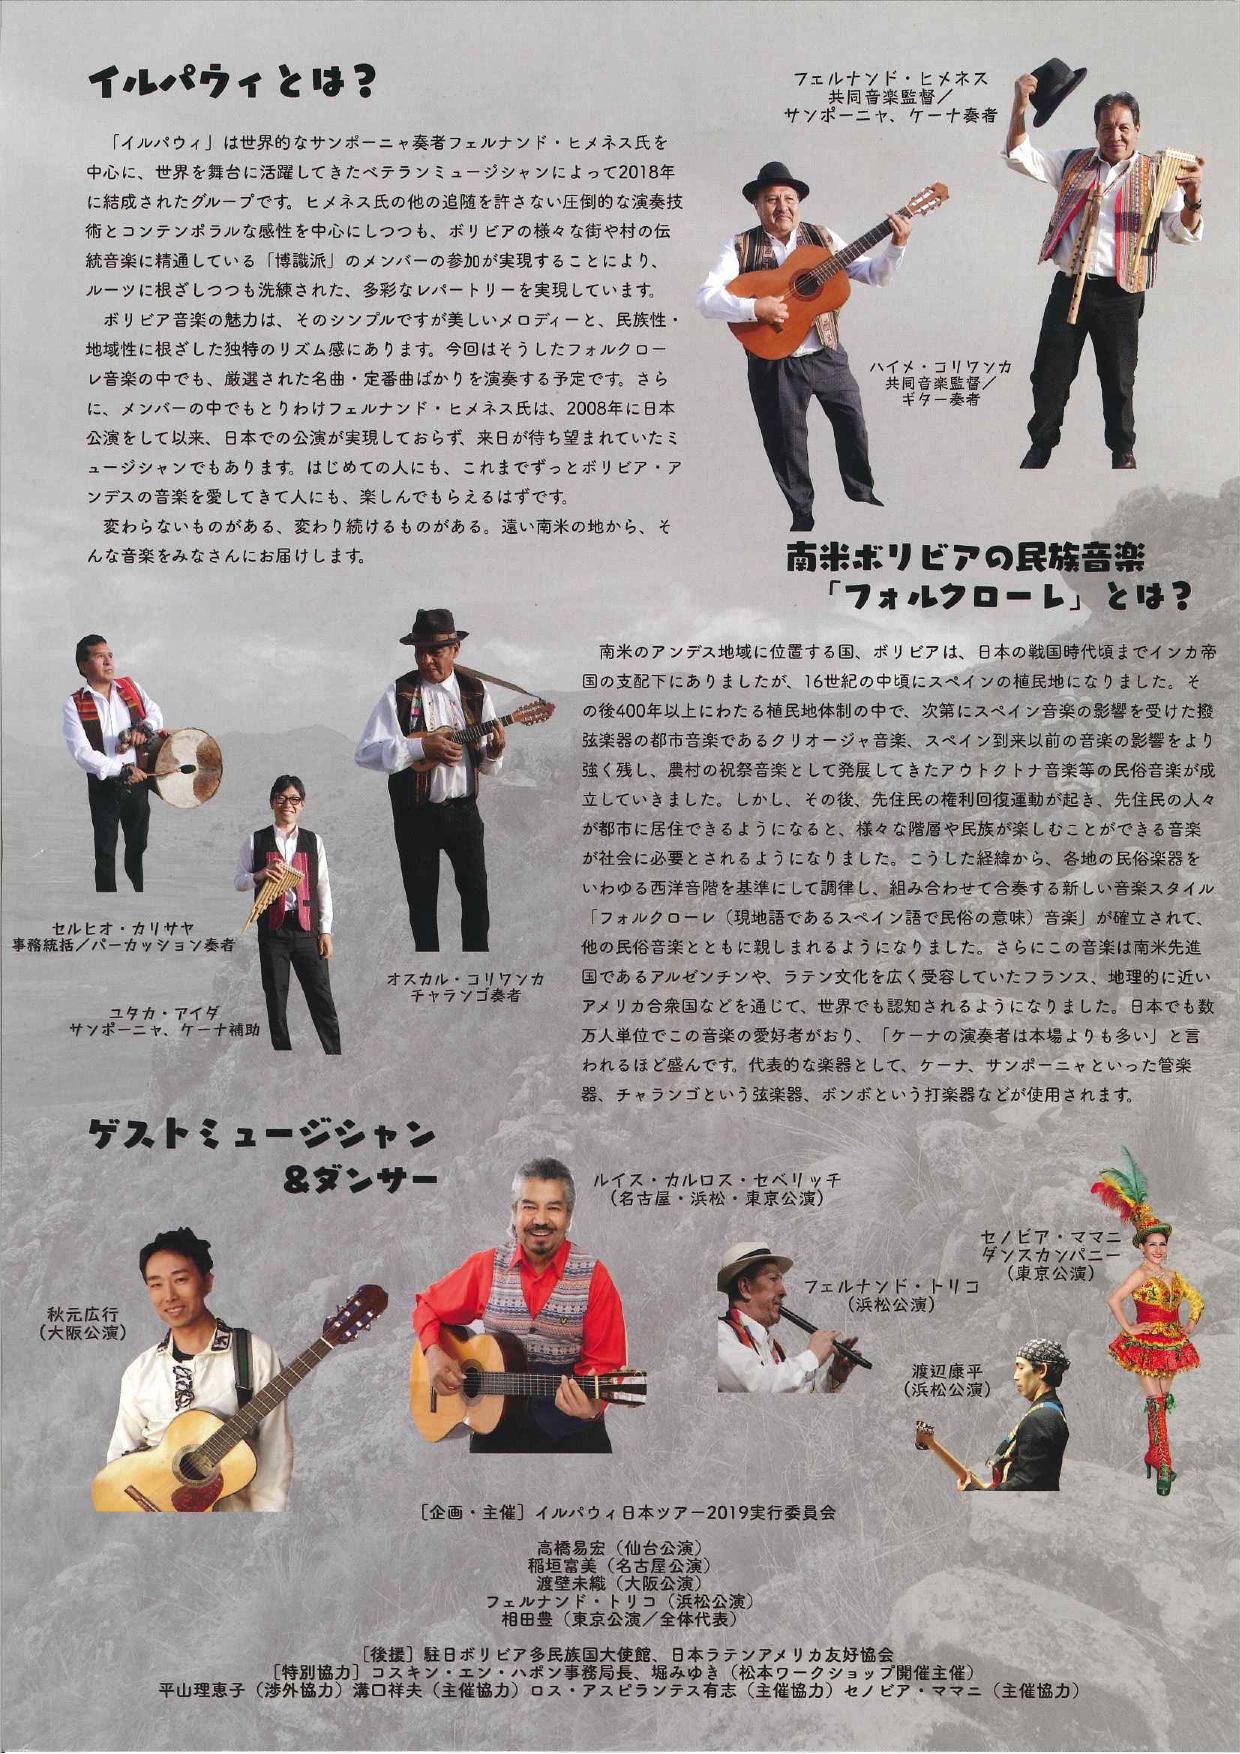 ボリビア・アンデスの民族音楽 イルパウイ来日公演